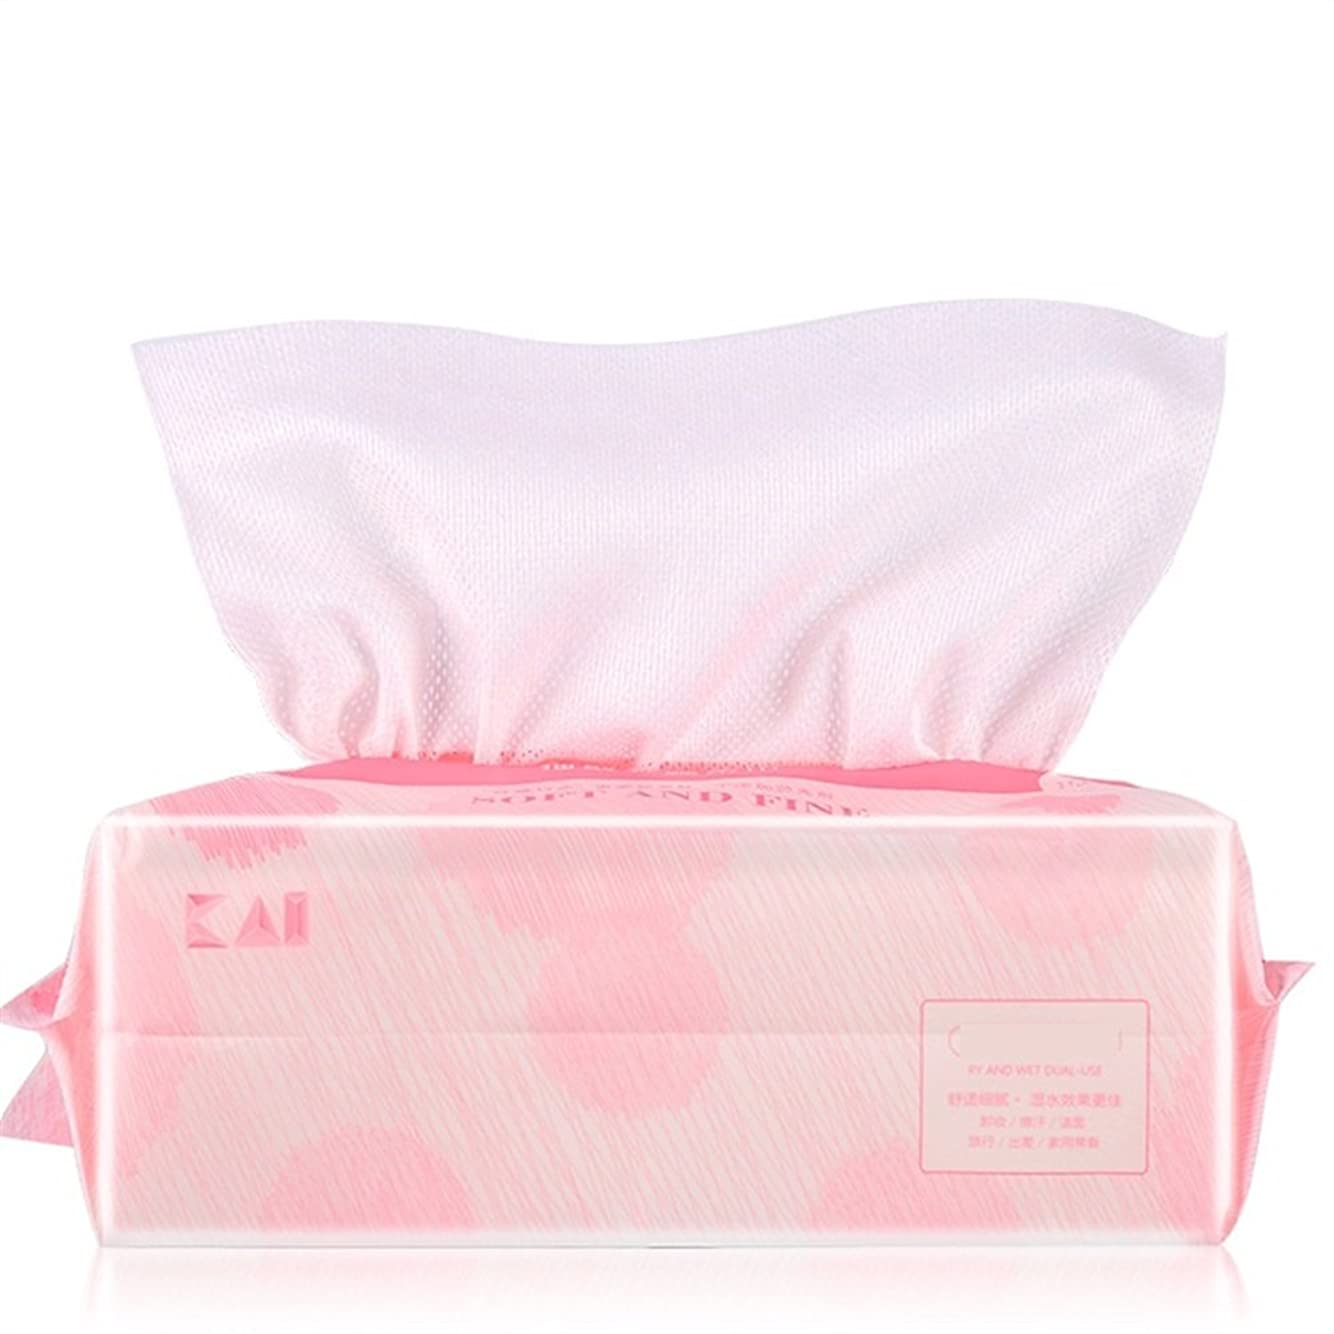 解説スリット怒るAorunji 柔らかい ナチュラルフェイシャルコットンティッシュコットンソフトタオル吸収コットンパッド(メイクアップリムーバー、ネイルポリッシュ用)ウェット/ドライクリーニング用ワイプ(Appr.100pcs) (色 : Pink)